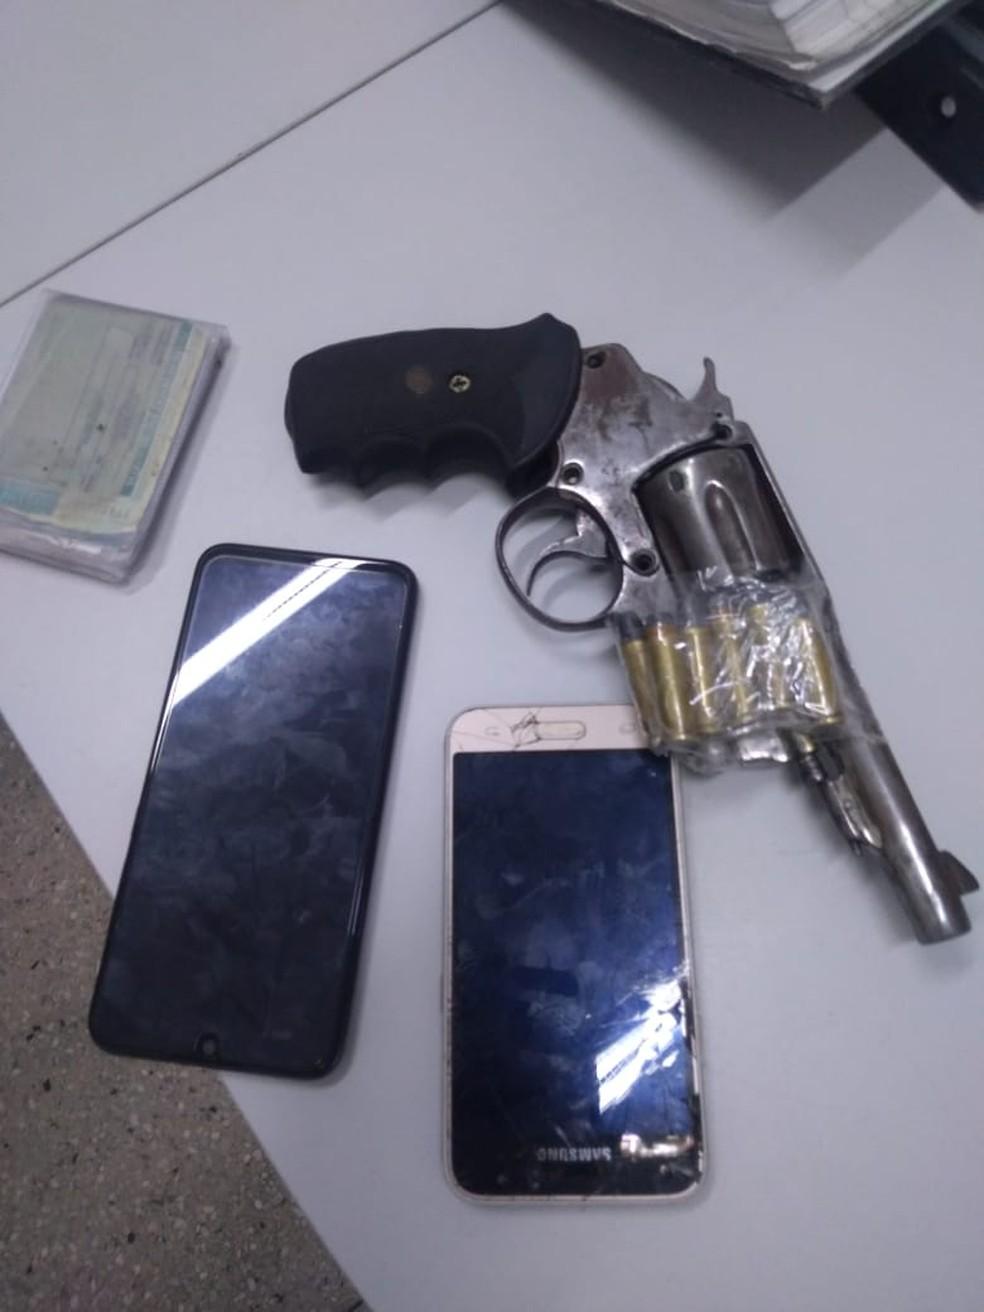 Polícia encontrou celular roubado, uma arma e munições com o suspeito preso na Zona Norte de Natal — Foto: Geraldo Jerônimo/Inter TV Cabugi